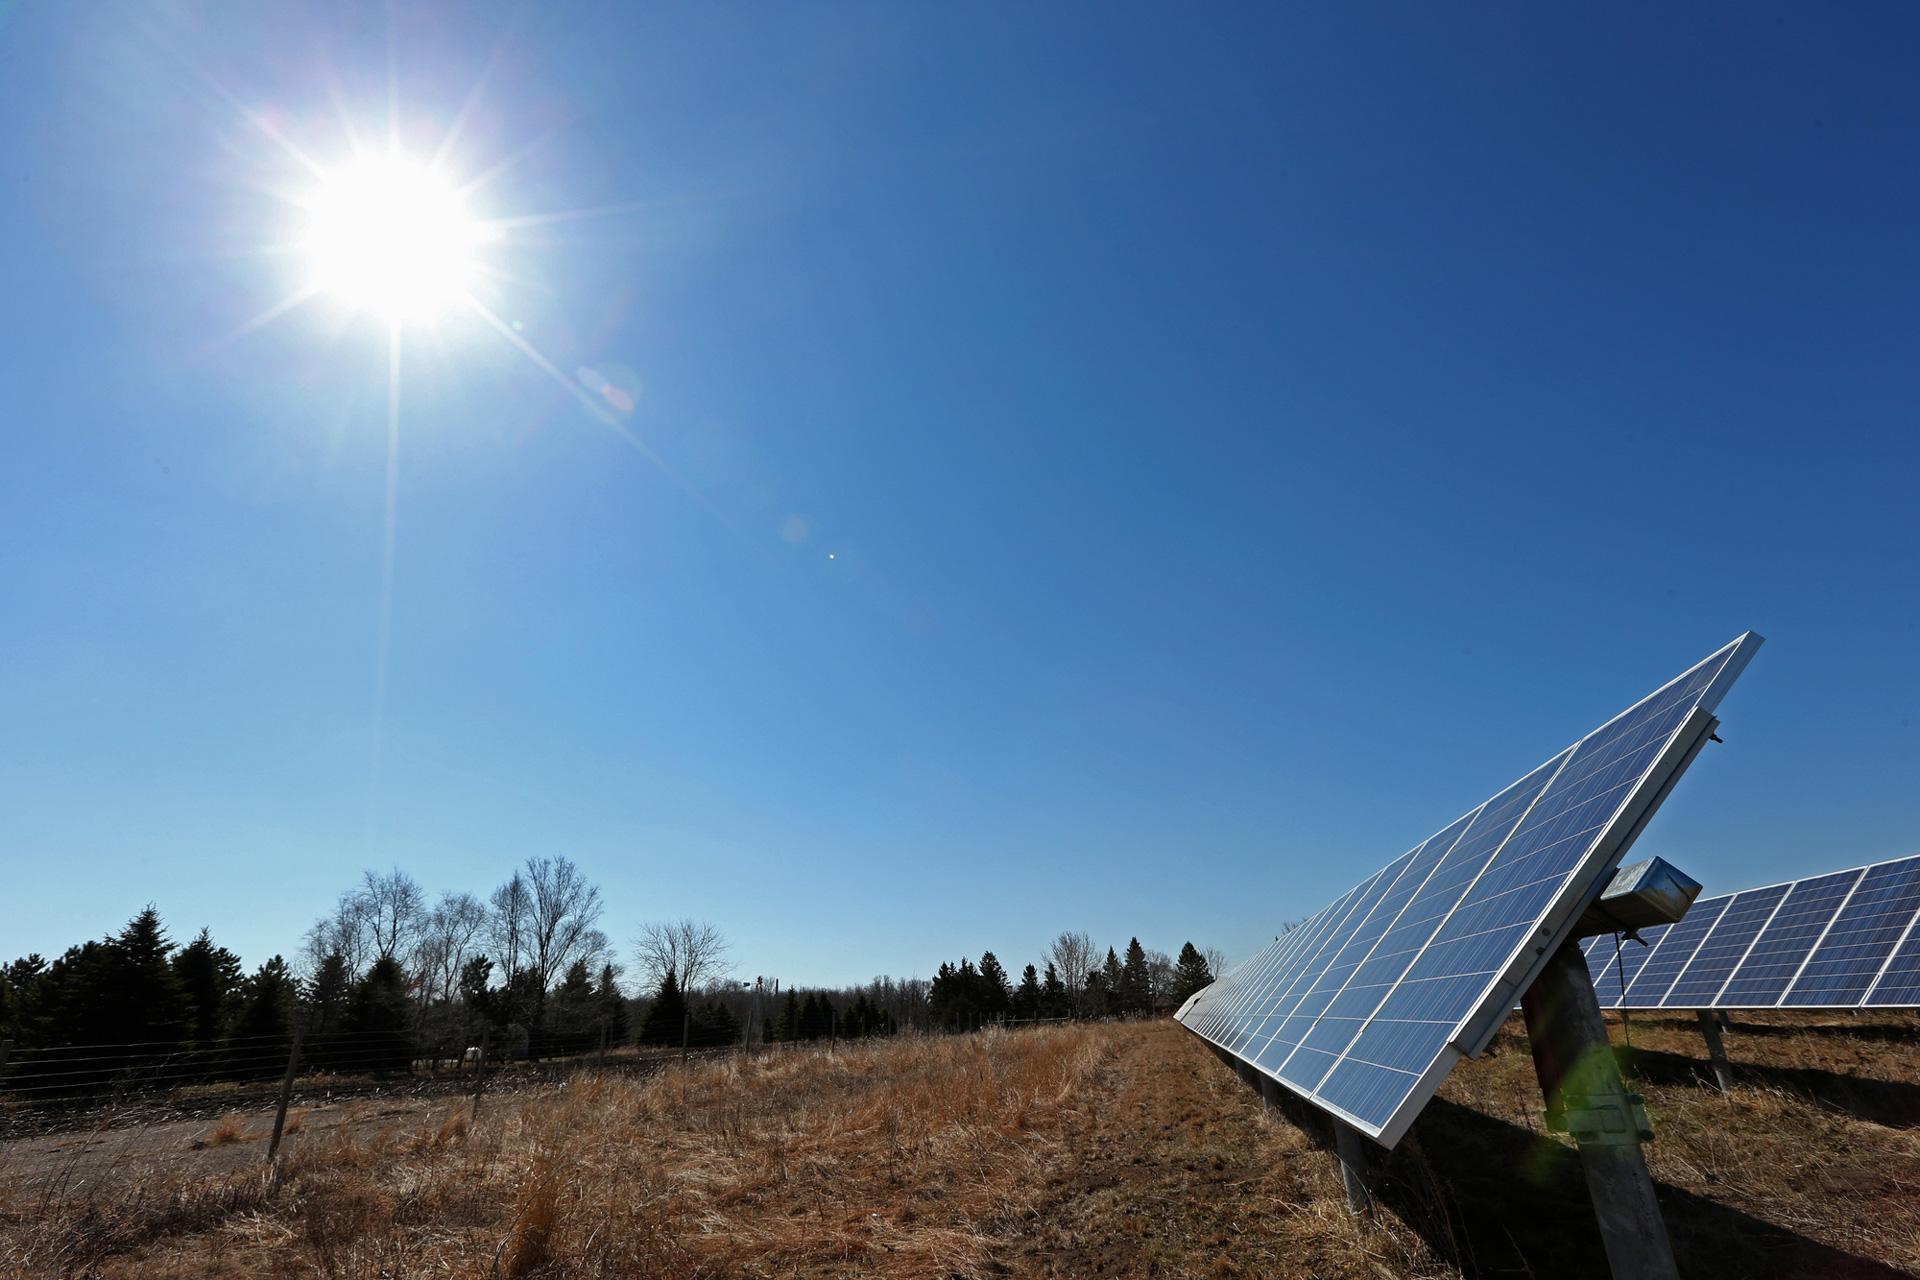 Hasznos információk a napelemekről, tények a napenergiáról